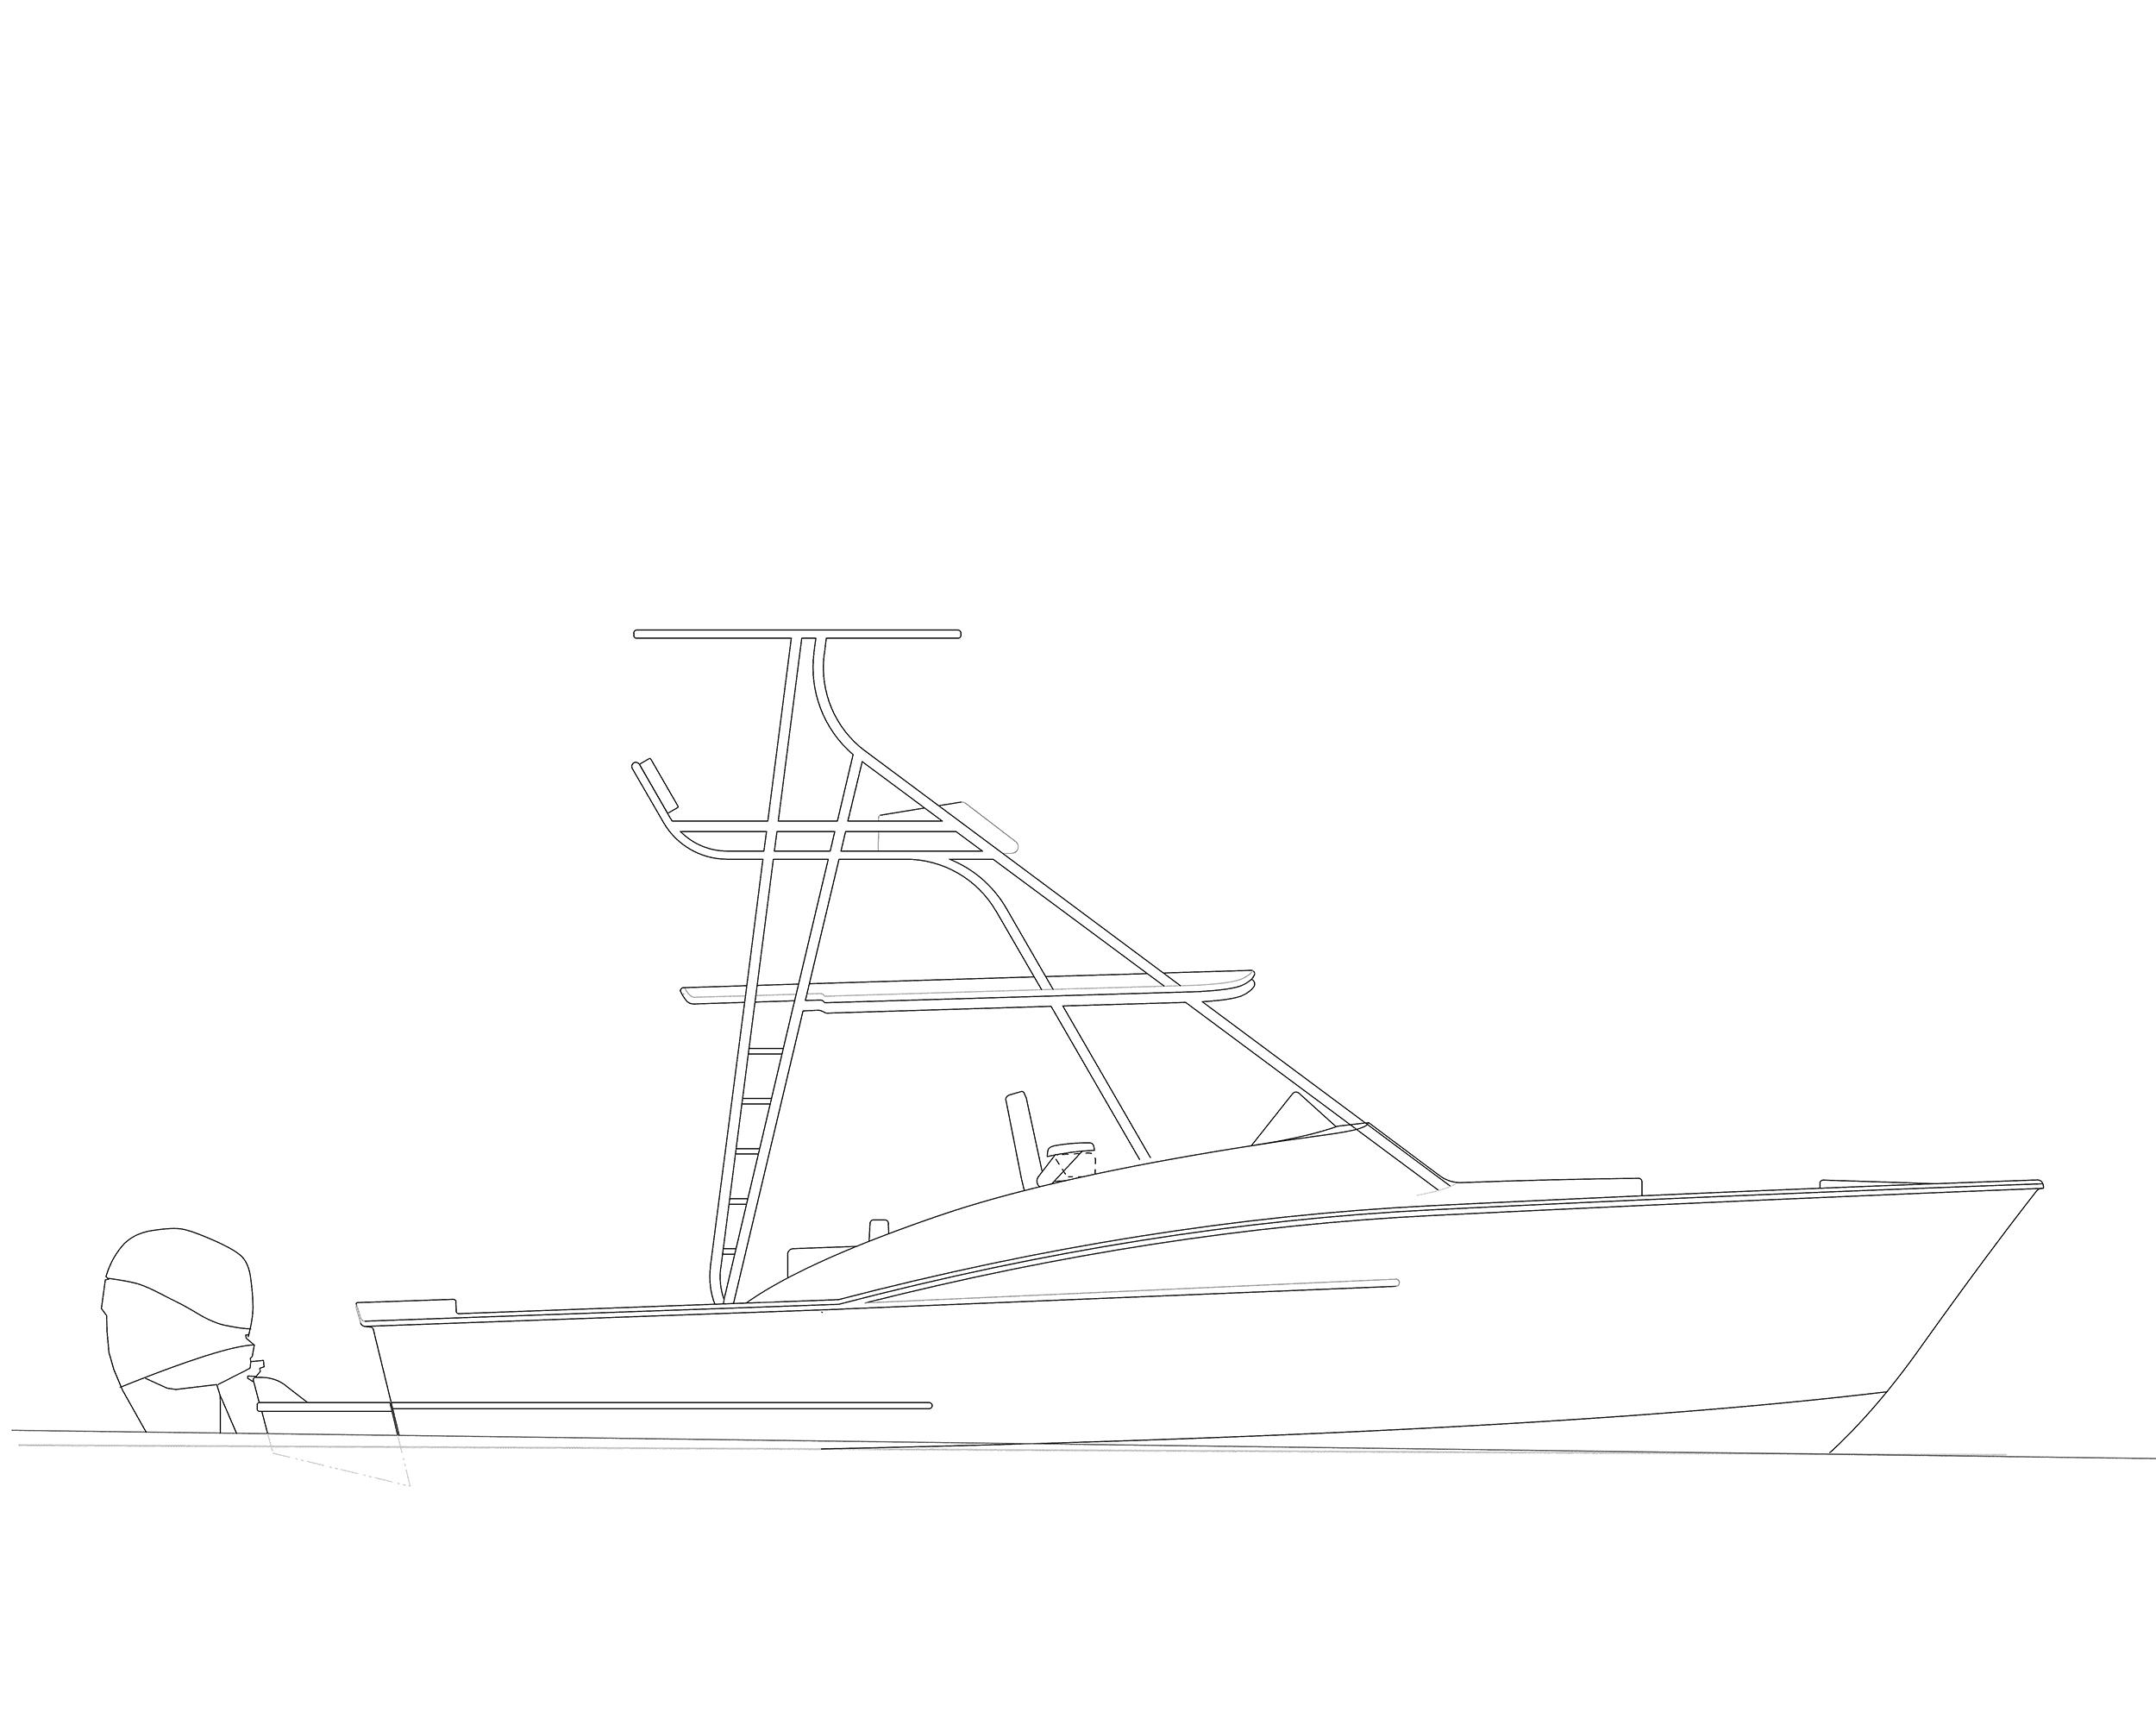 OBX 34 WA